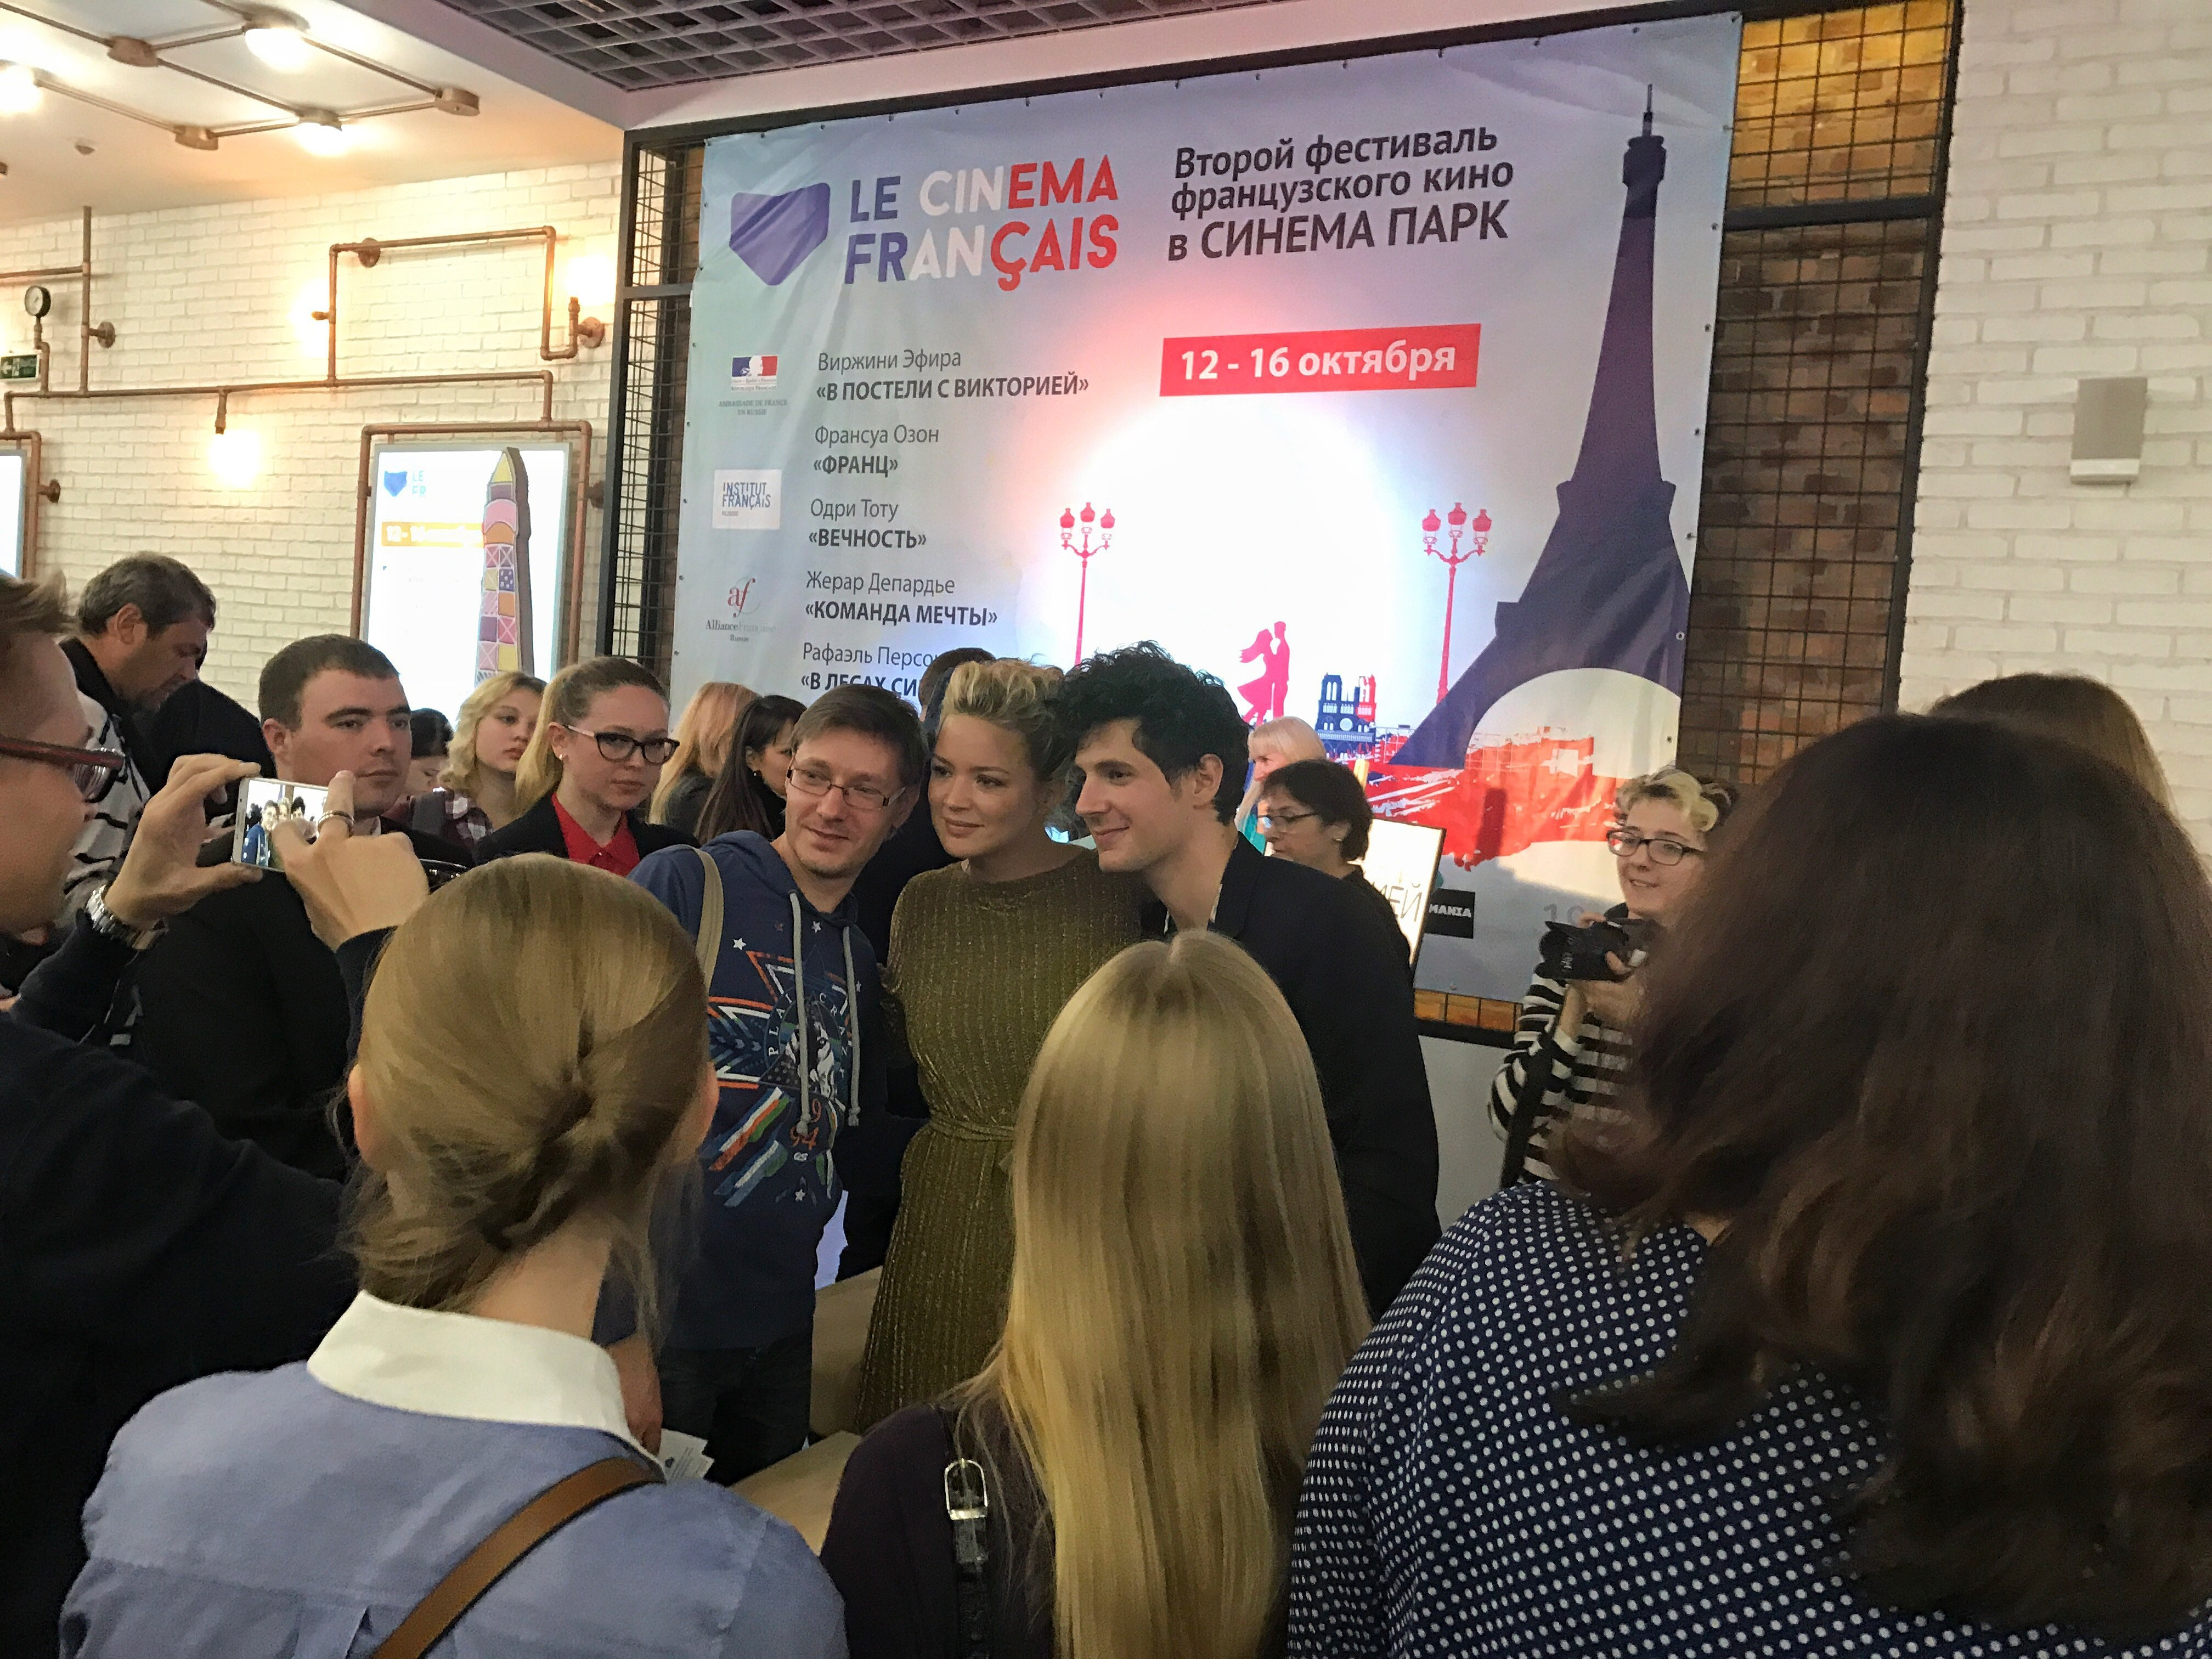 Virginie Efira et Vincent Lacoste prennent des photo avec ses fans